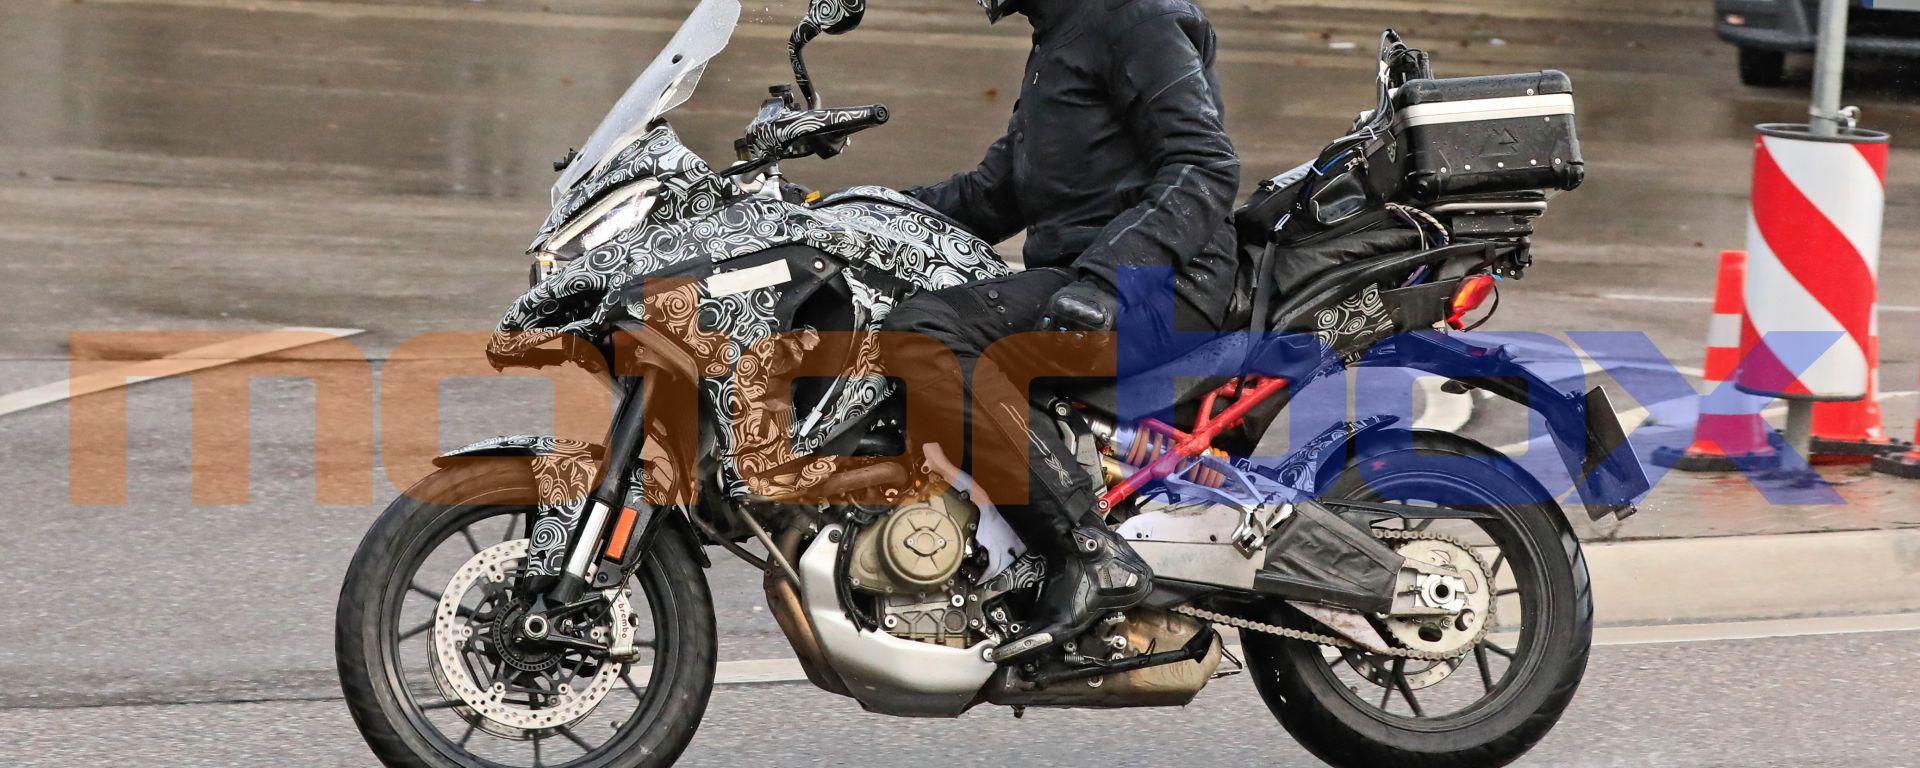 Multistrada V4, la super Ducati pizzicata in strada